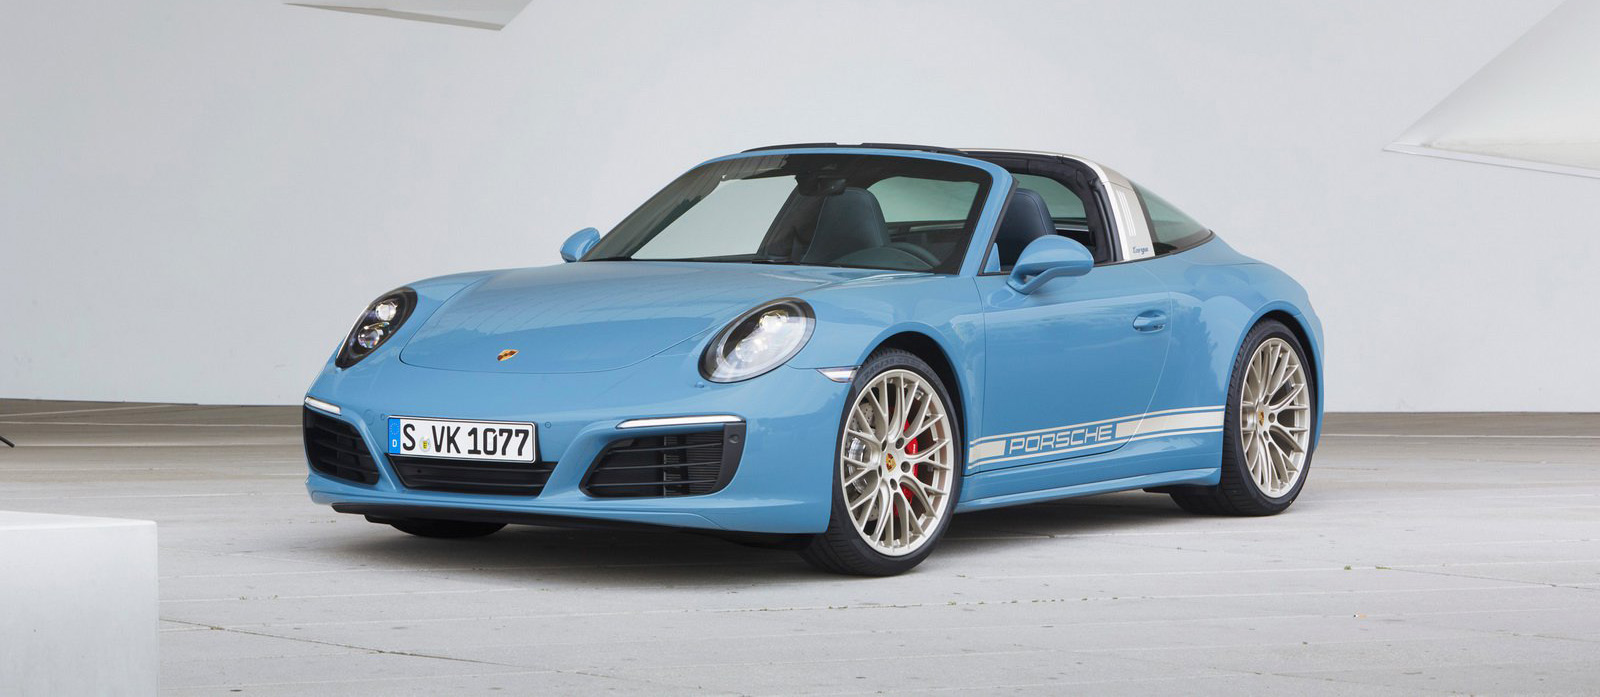 Limited Edition Porsche 911 Targa 4S Gets Retro Blue Paint Job